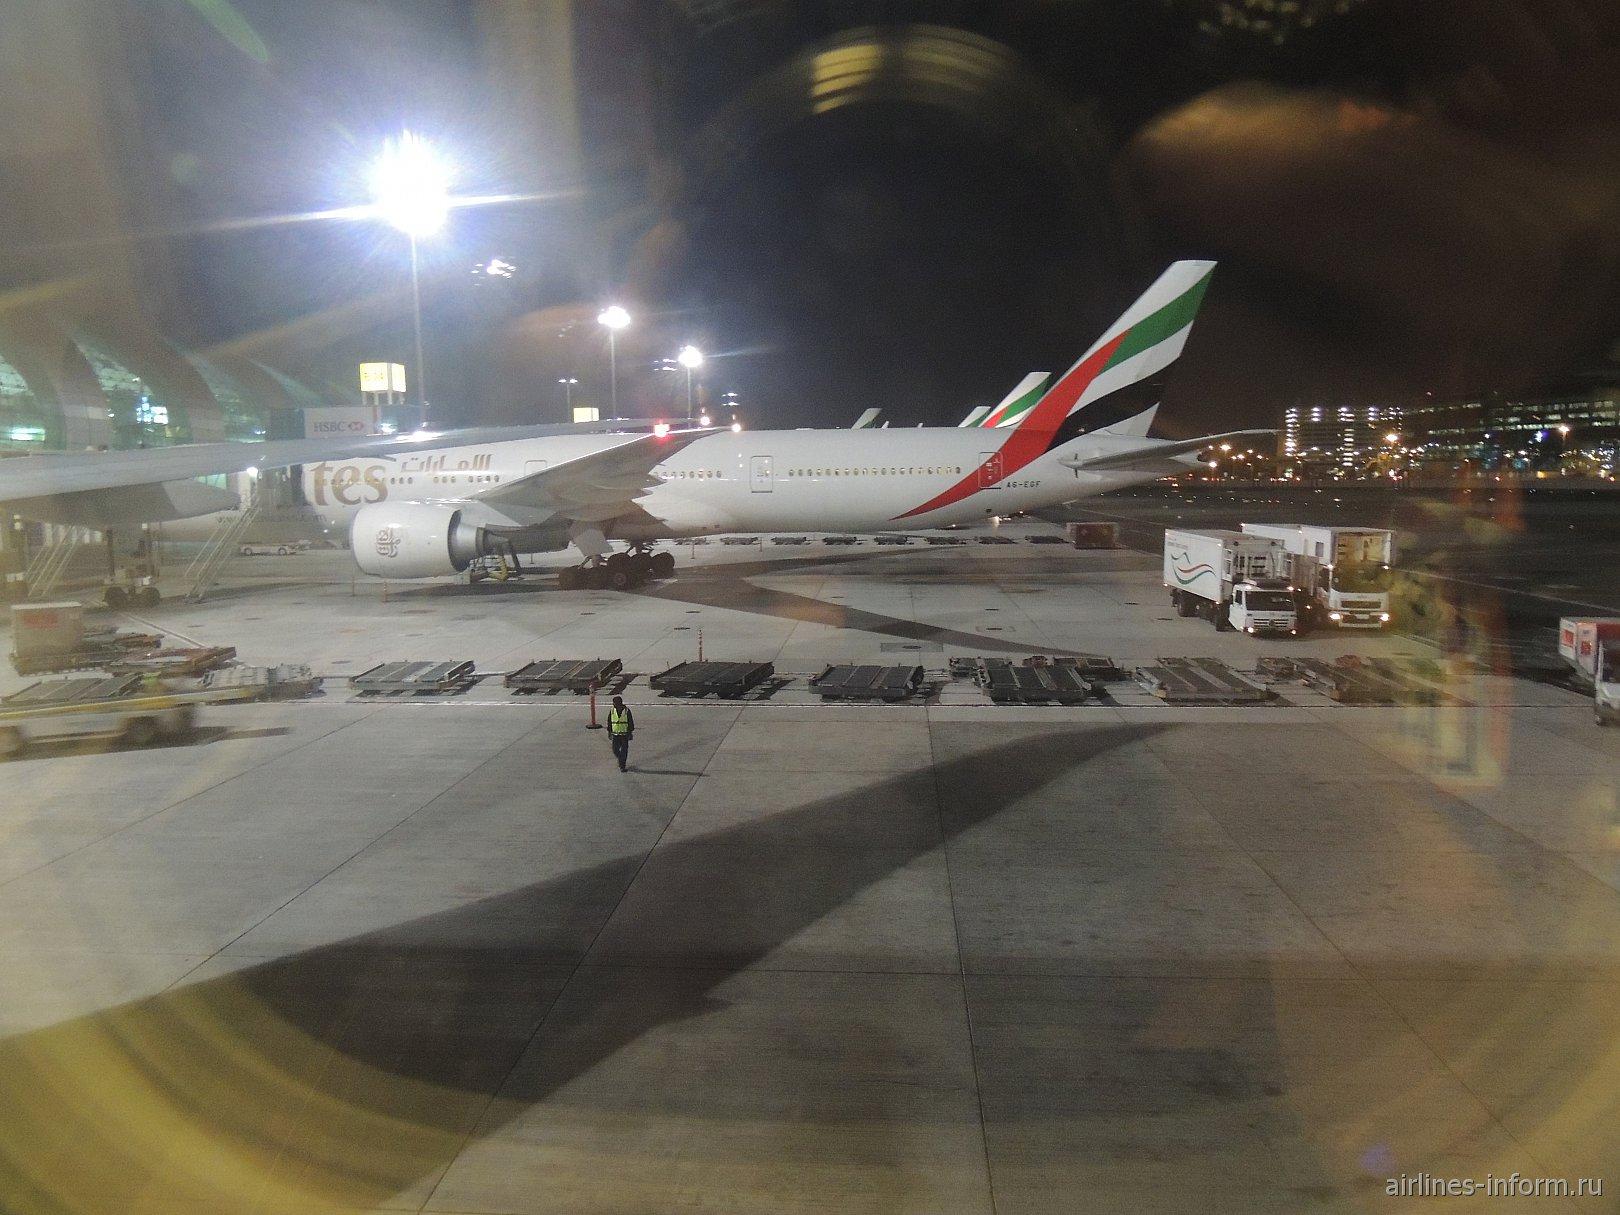 Коломбо - Дубай c Emirates